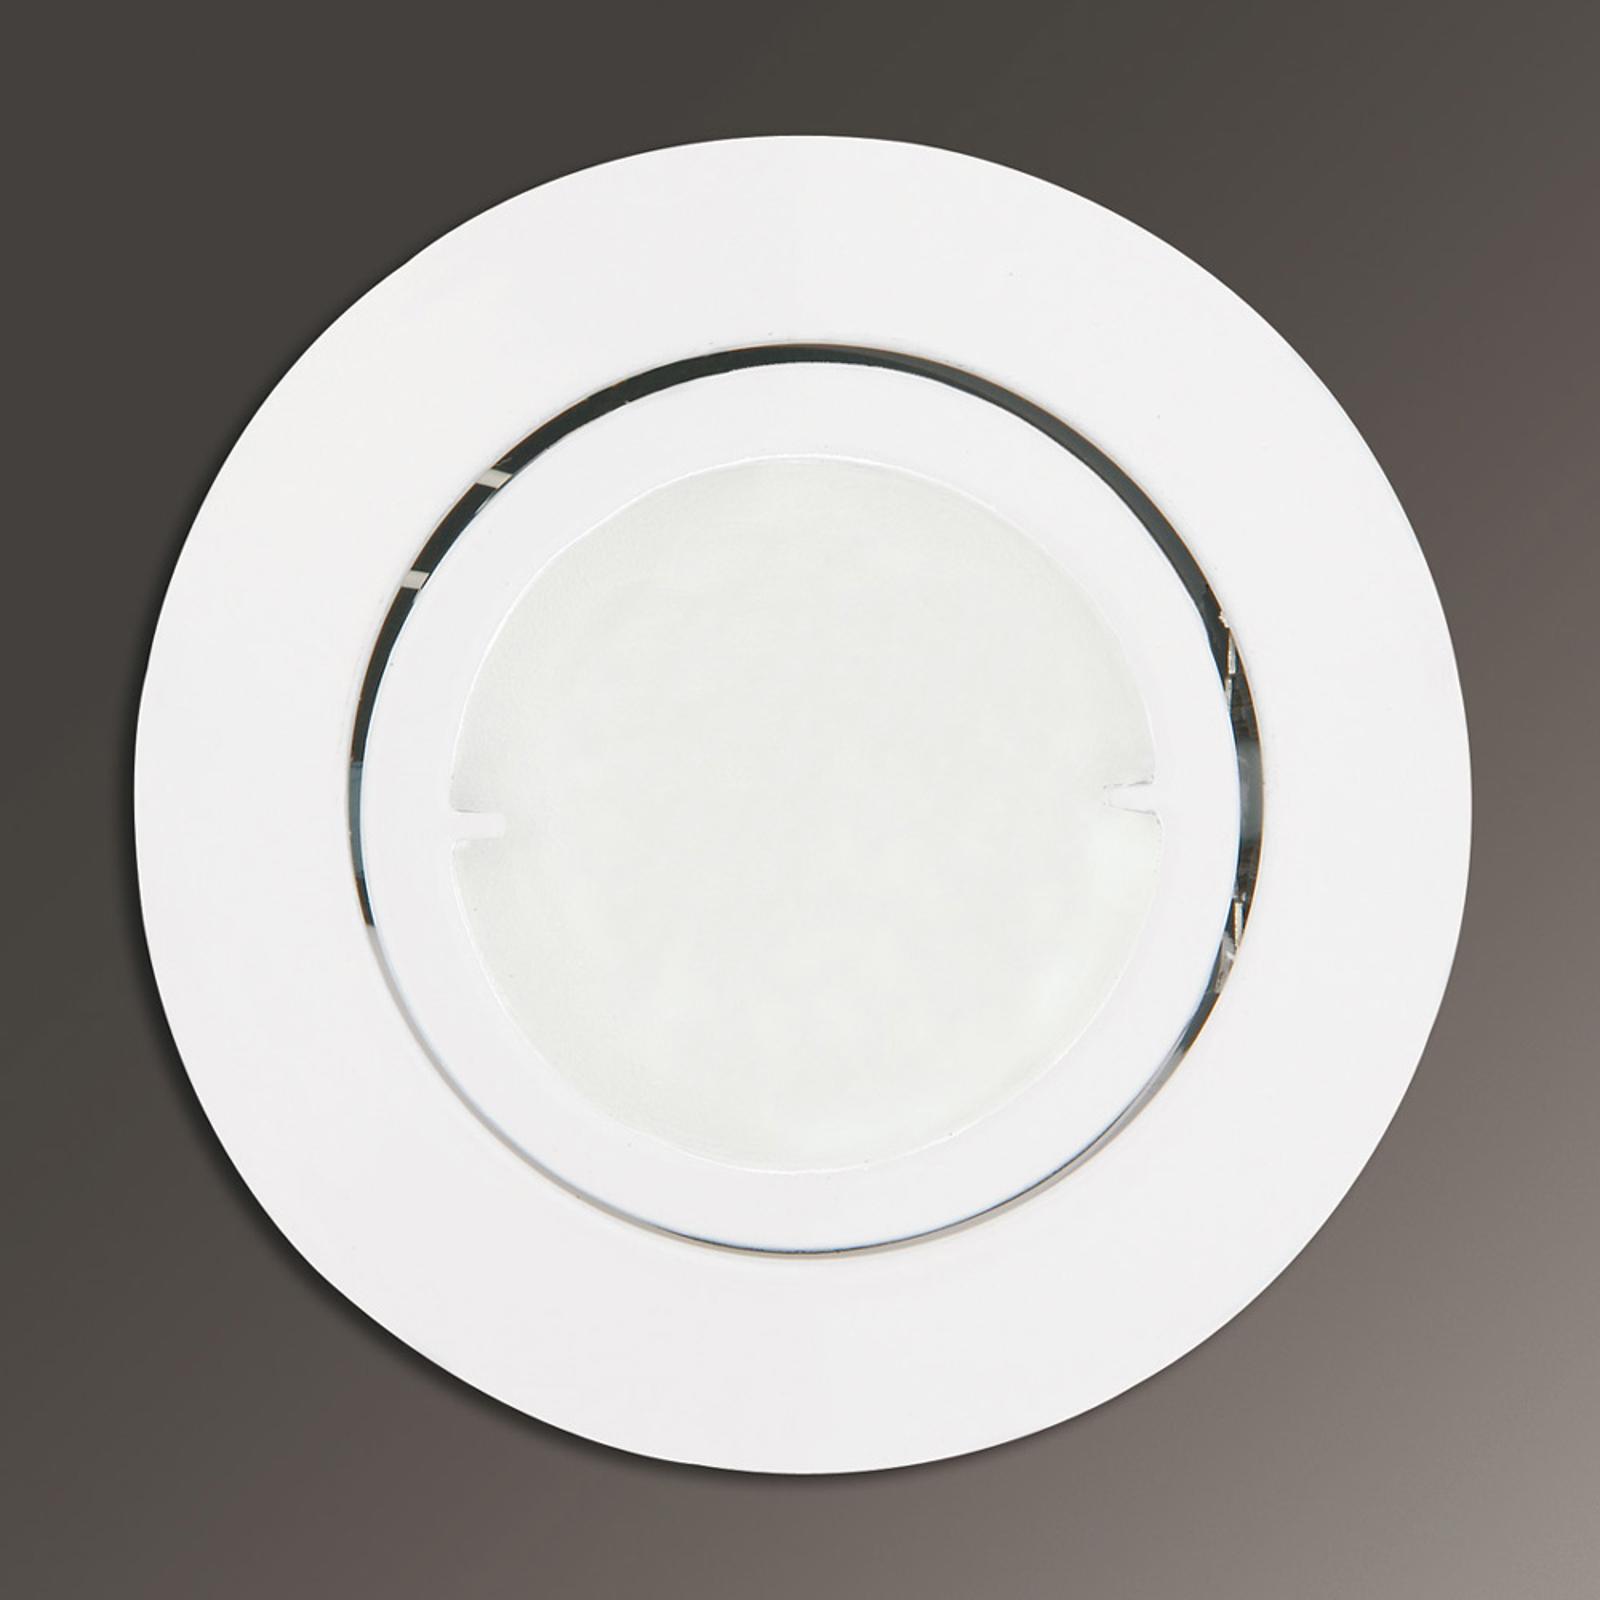 Joanie - LED-Einbauleuchte in Weiß, rund